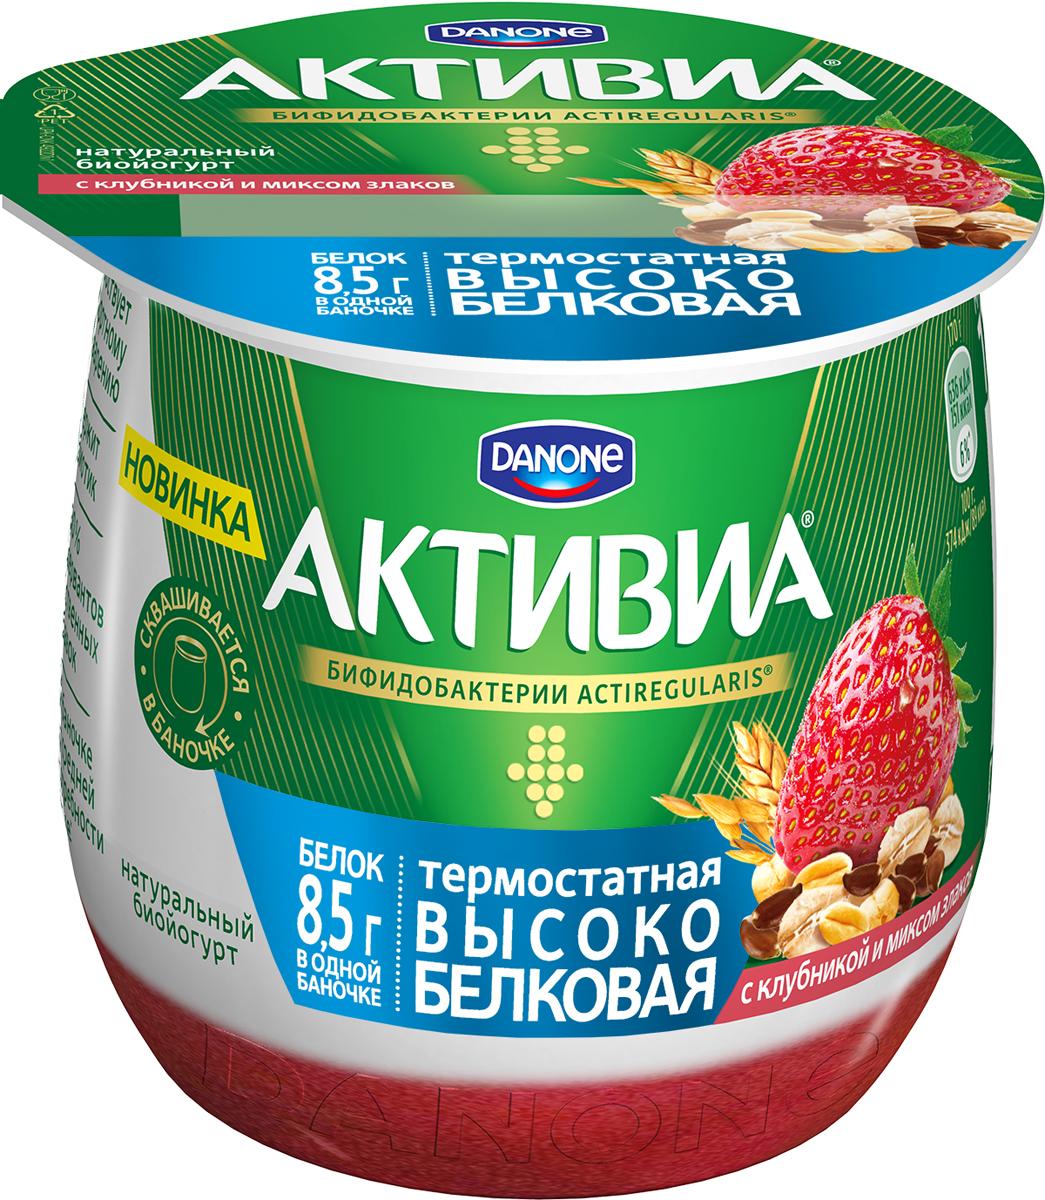 Активиа Высокобелковая, Биойогурт Клубника и Злаки, термостатный, 2,4%, 170 г danone биойогурт густой термостатный 1 5